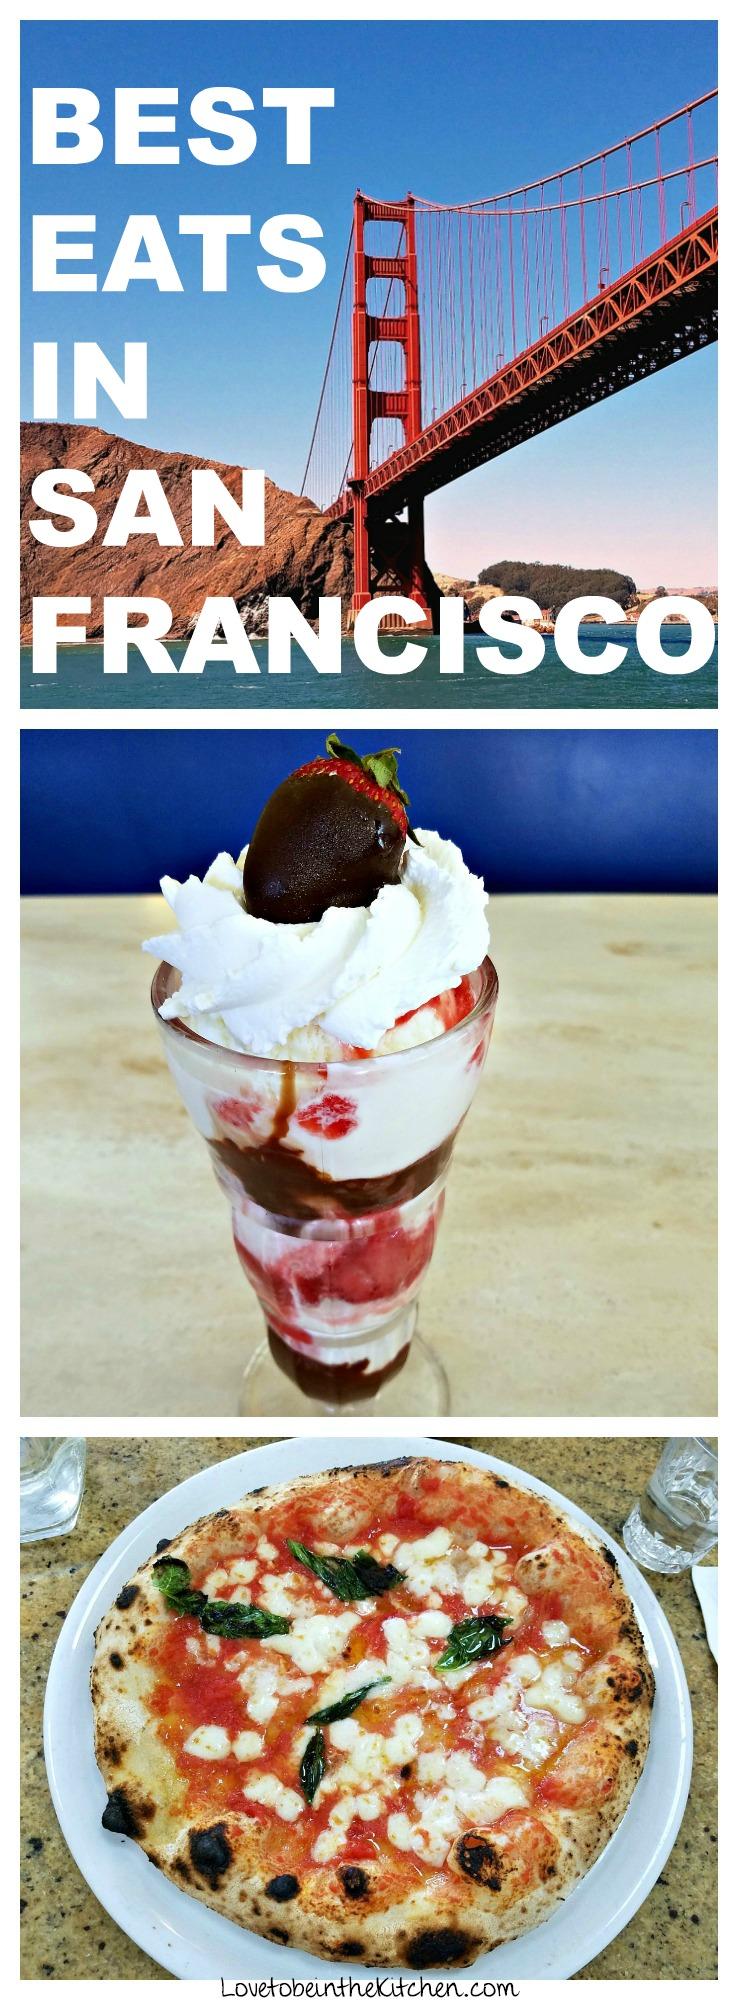 Best Eats in San Francisco